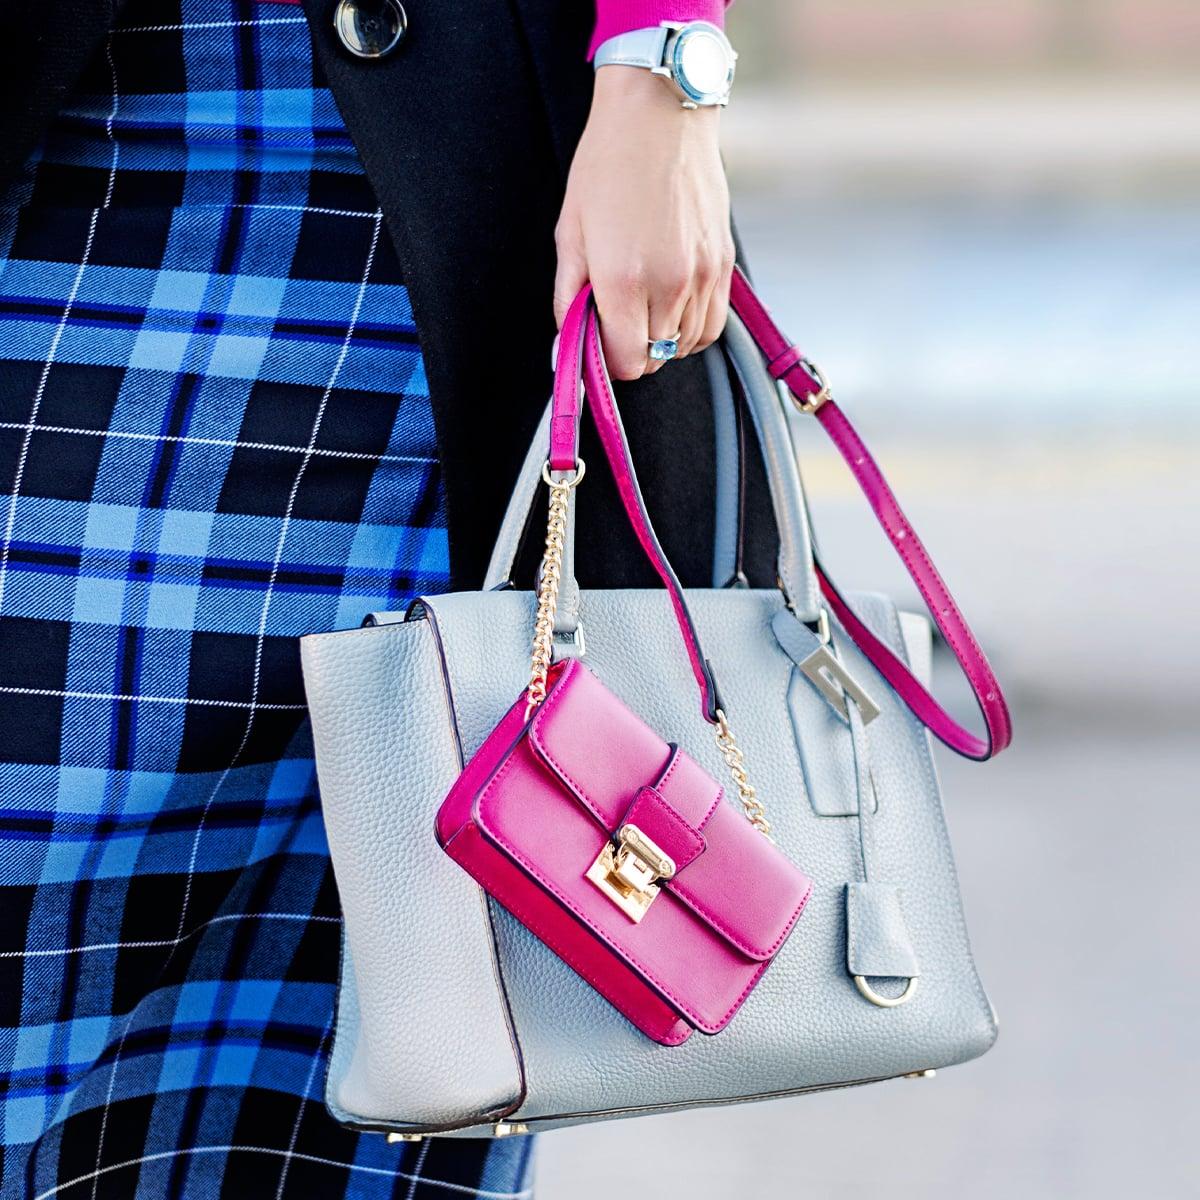 Frau mit Designerhandtasche